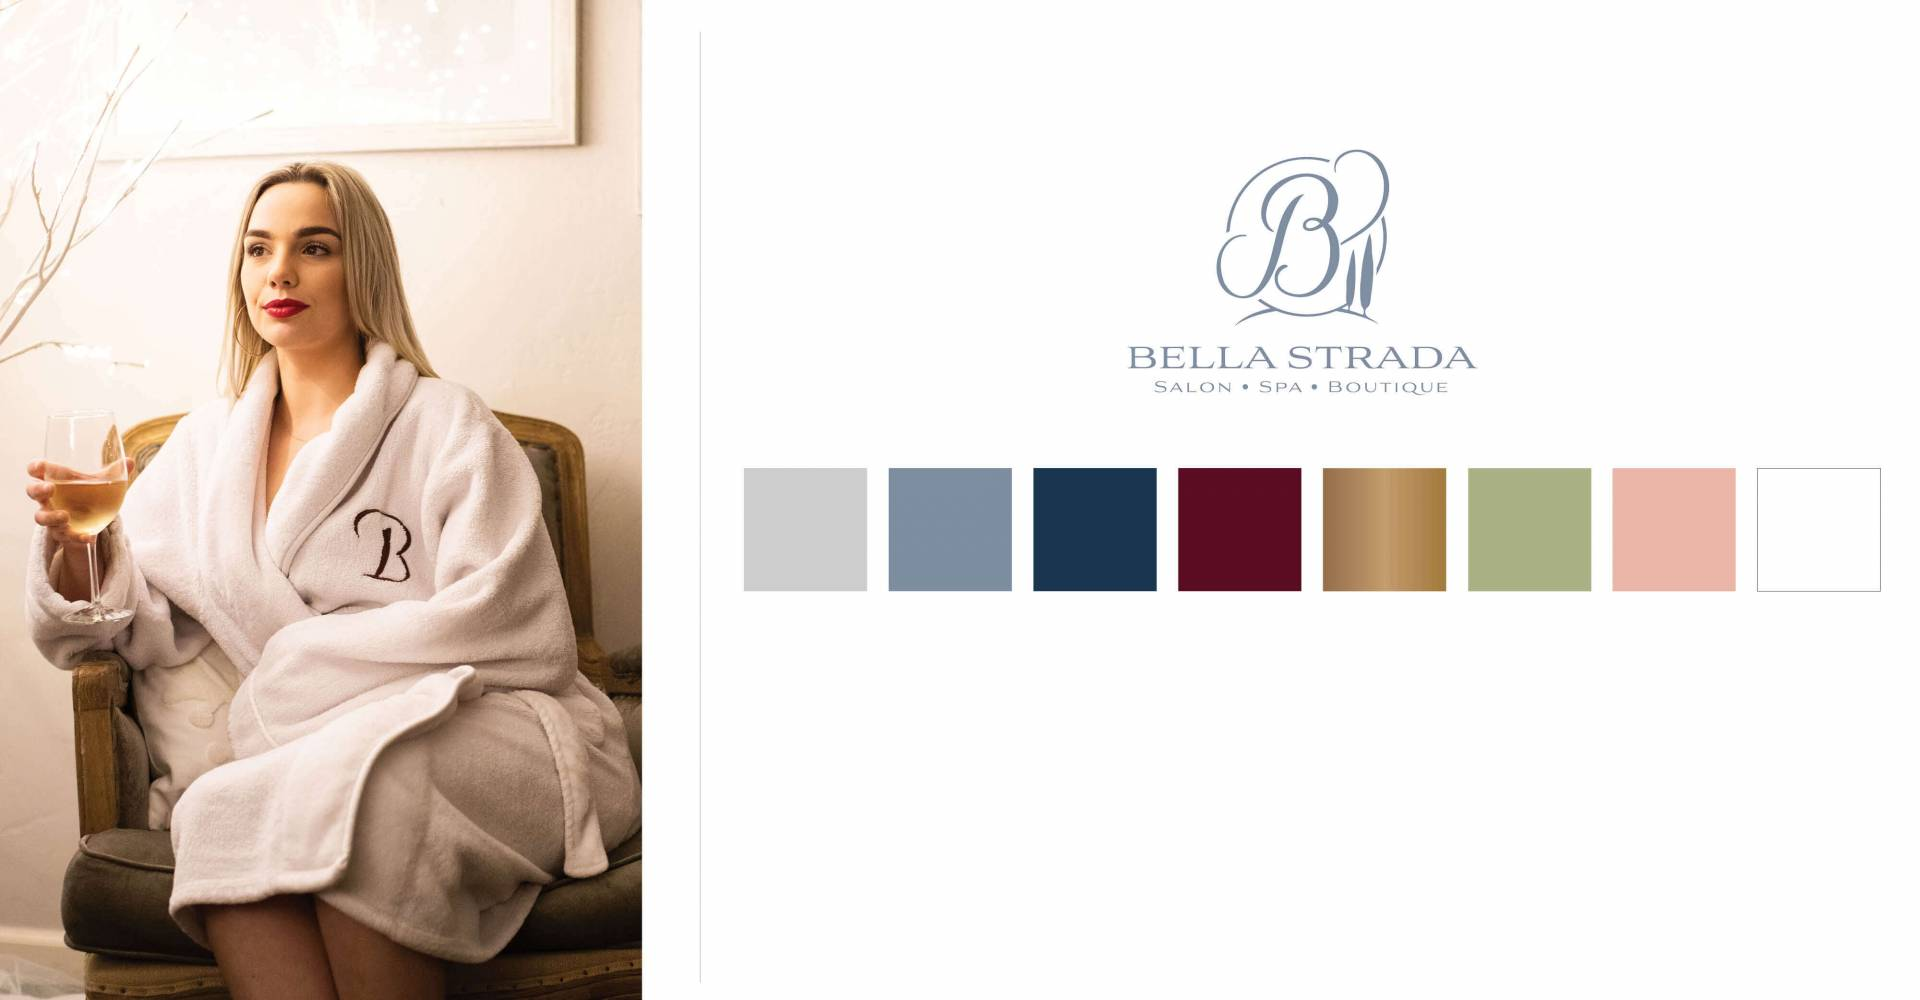 Bella Strada Salon & Spa